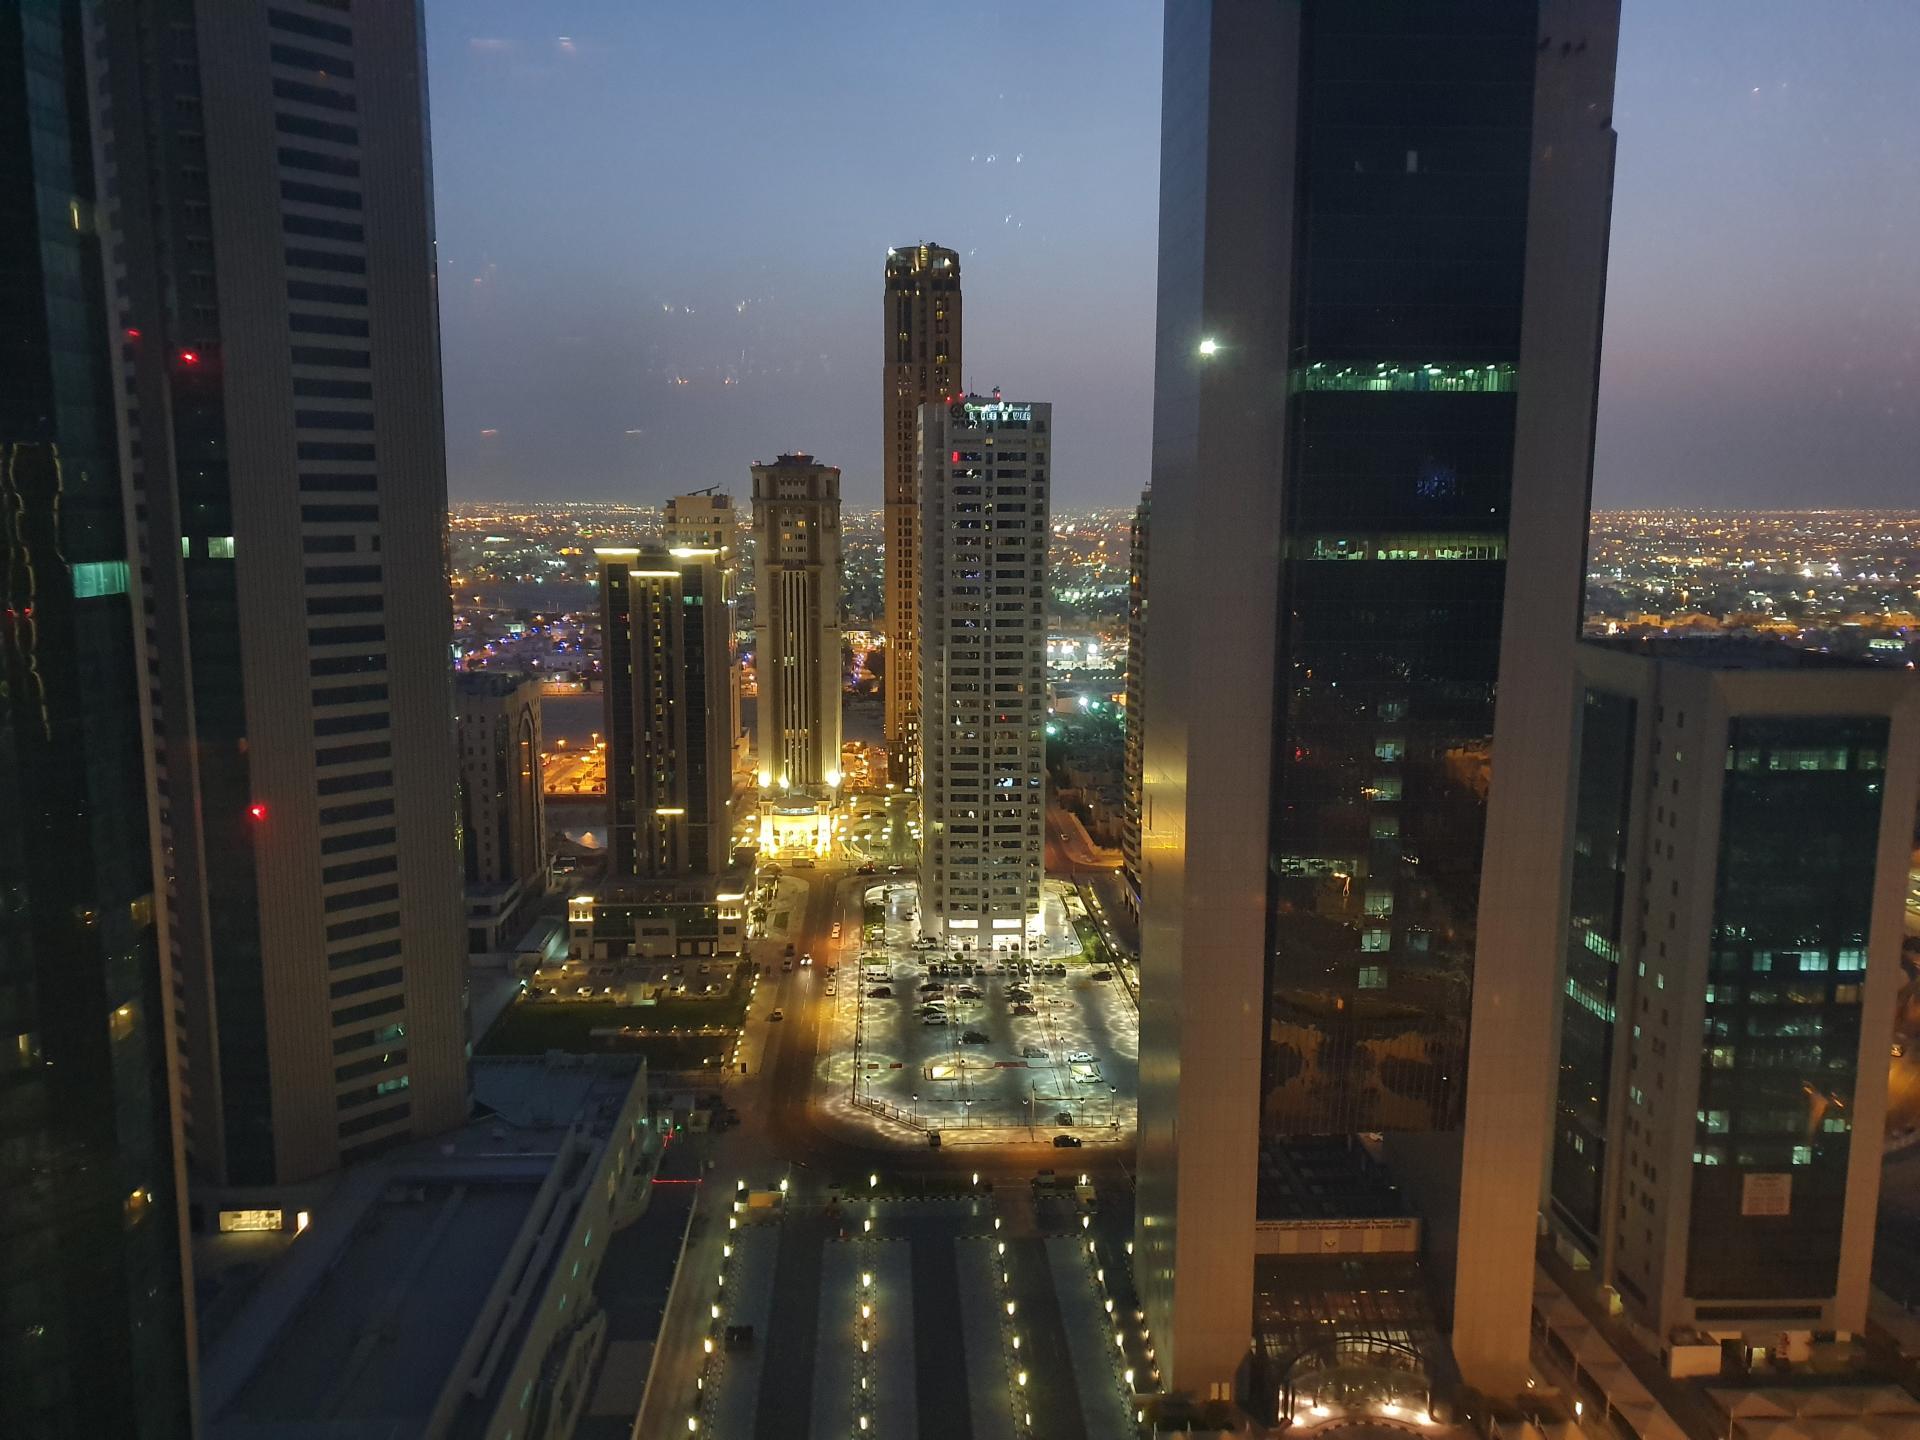 Вид на ночной город - Доха, Катар